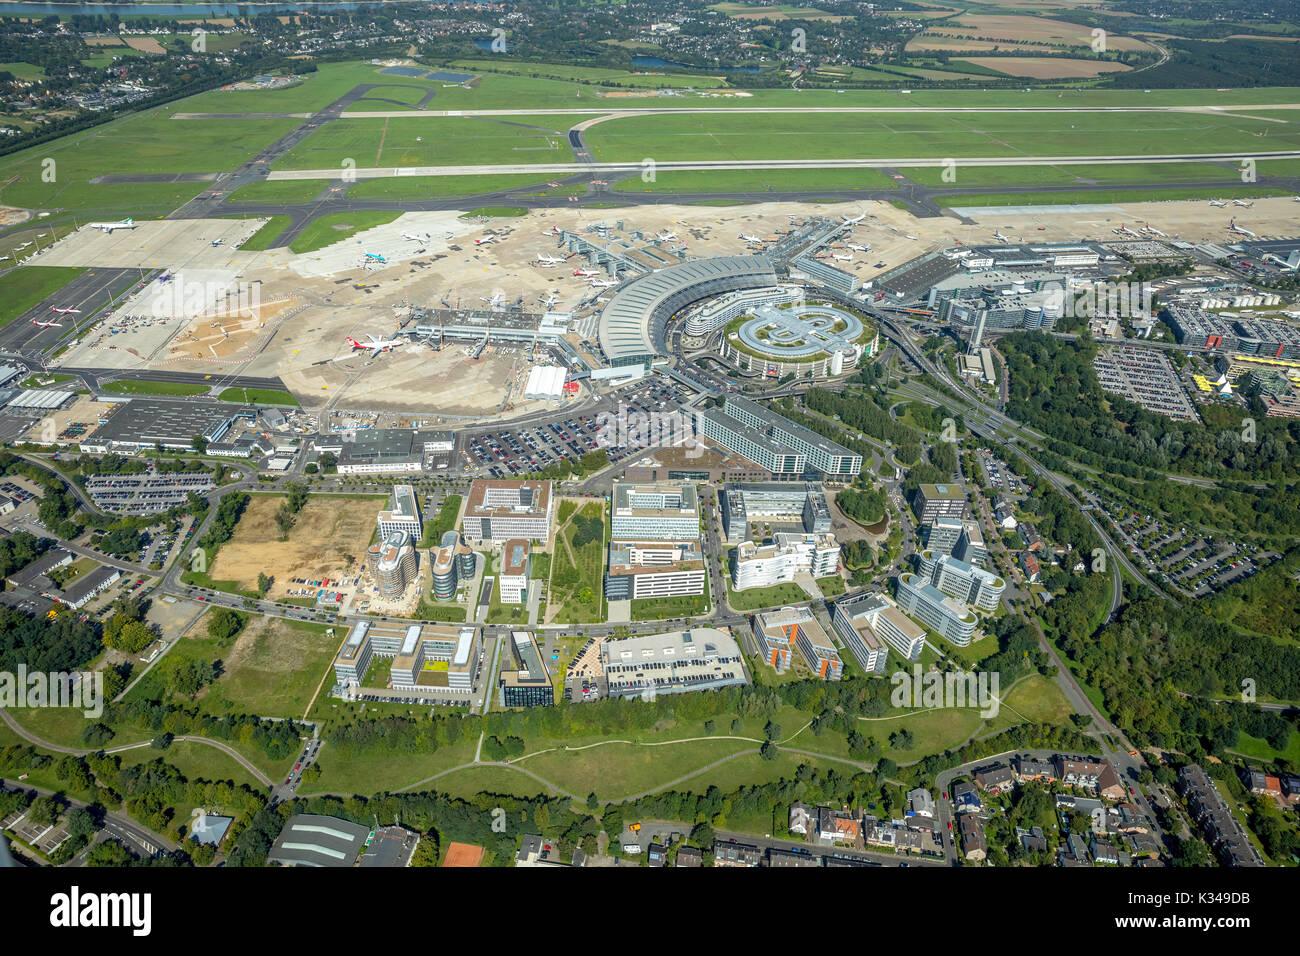 Airport City Flughafen Dusseldorf Flughafen Check In Business